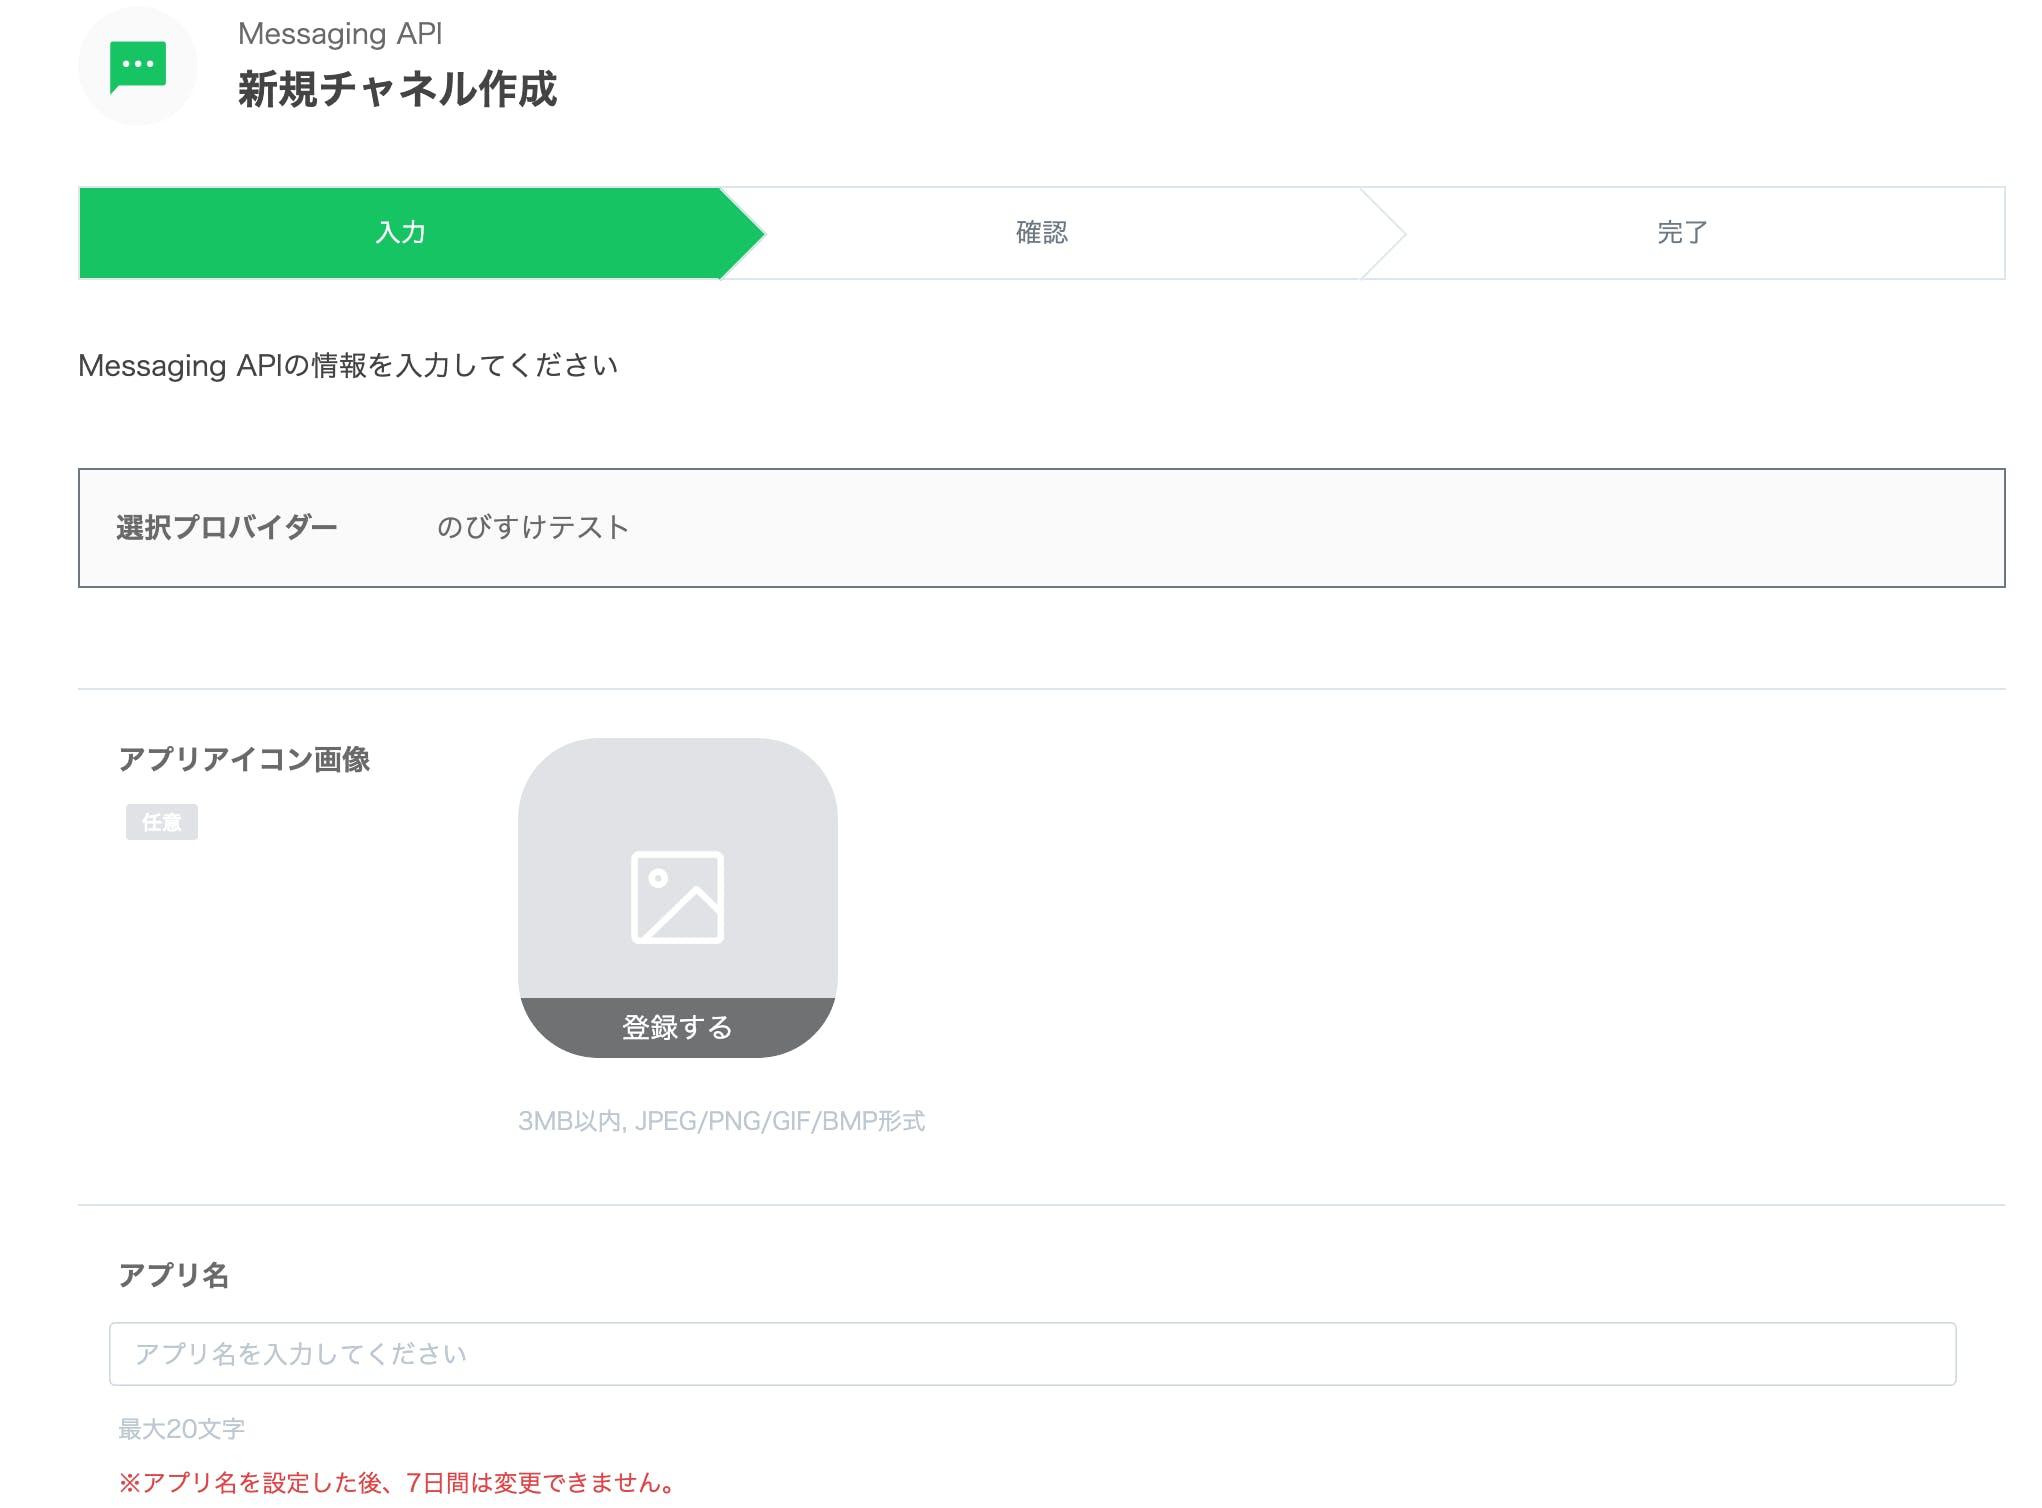 スクリーンショット 2019-05-14 15.48.52.png